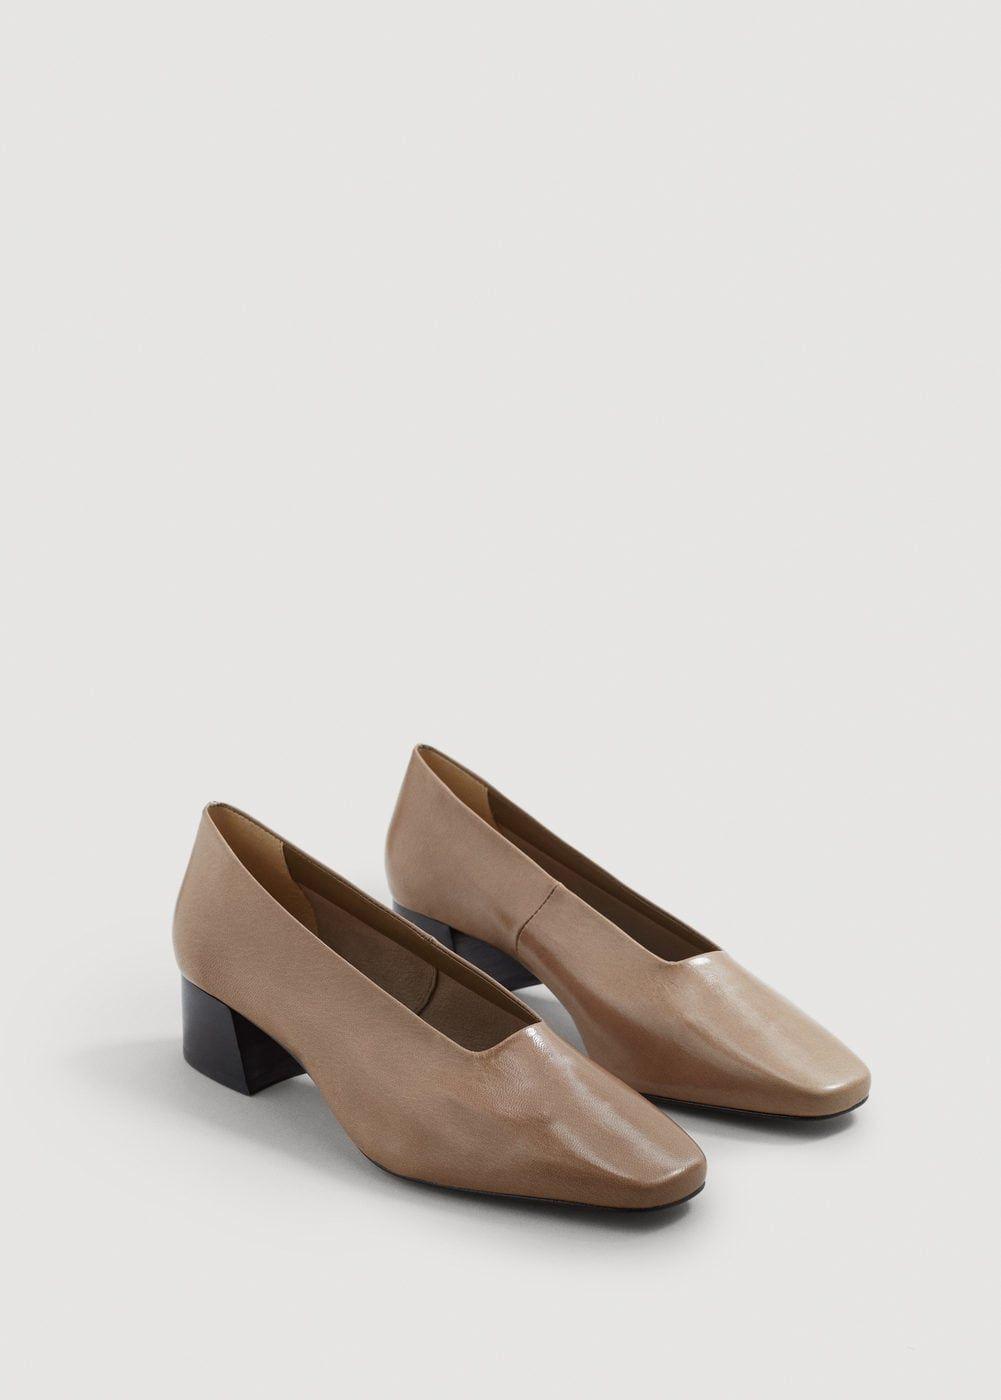 Online Fashion Lederschuhe Damen Schuhe Frauen Minimalistische Schuhe